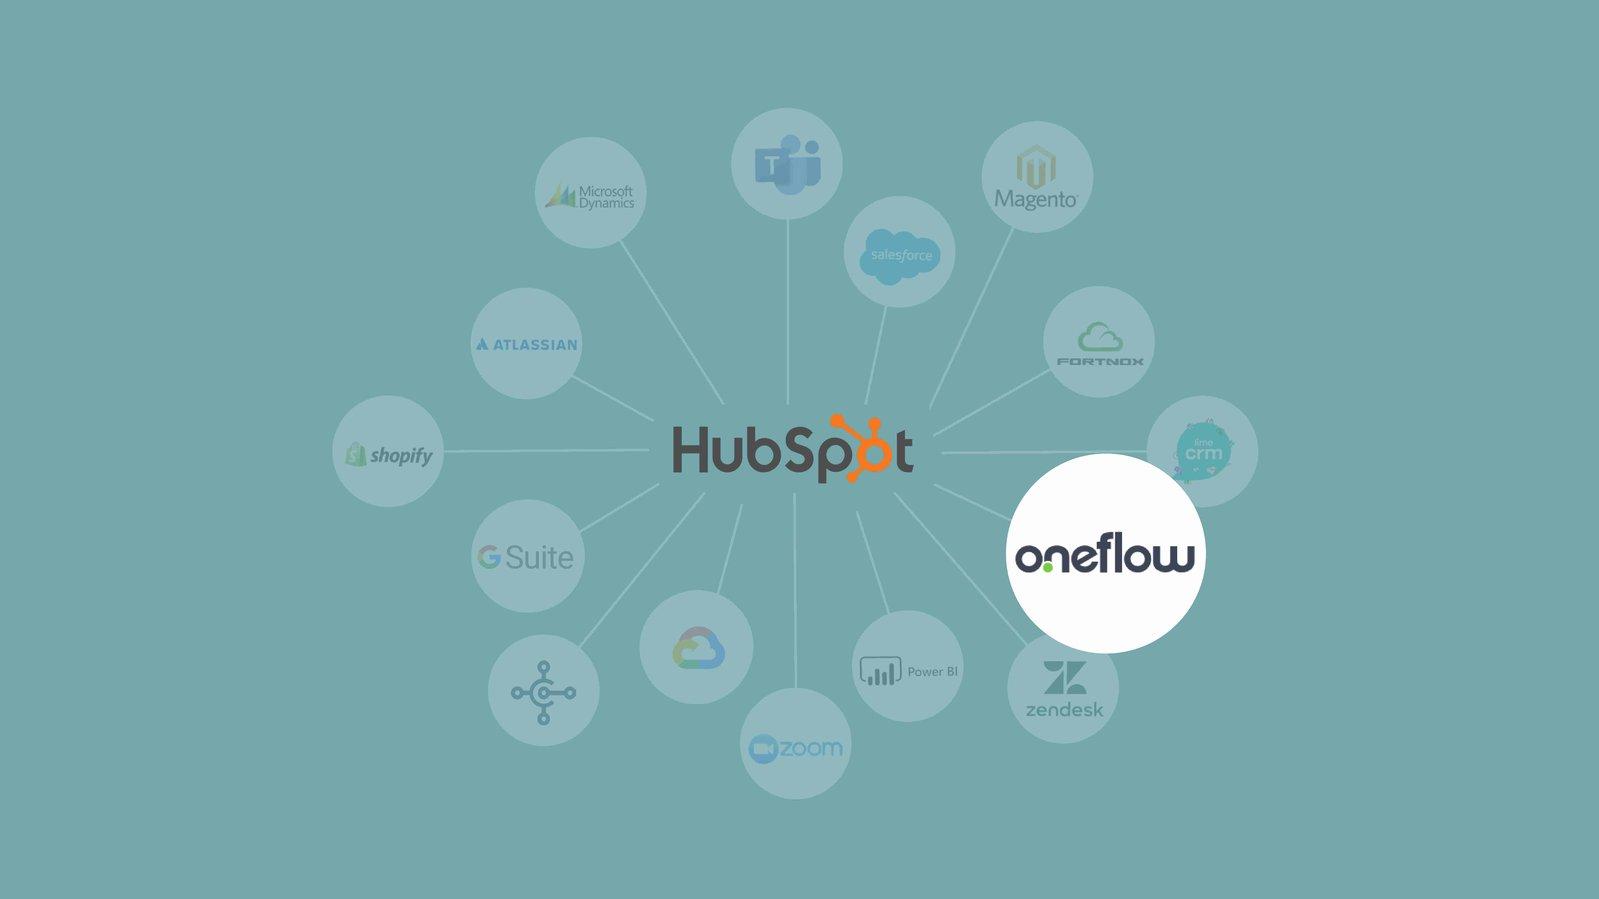 HubSpot_Oneflow - Esigning integration